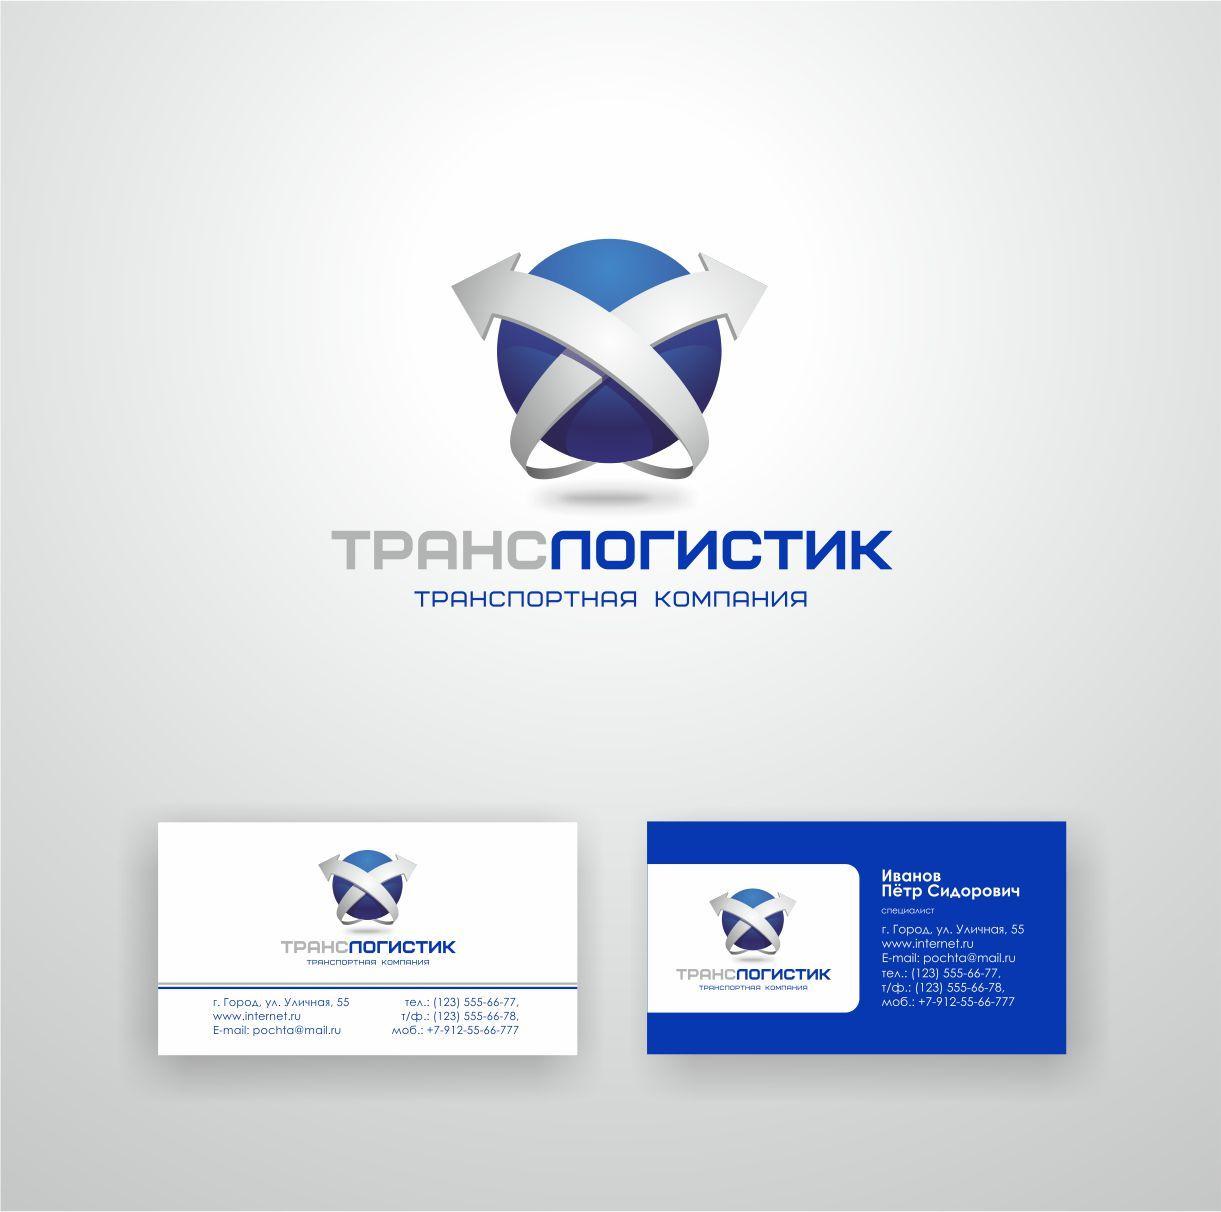 Логотип и визитка для транспортной компании - дизайнер GAMAIUN